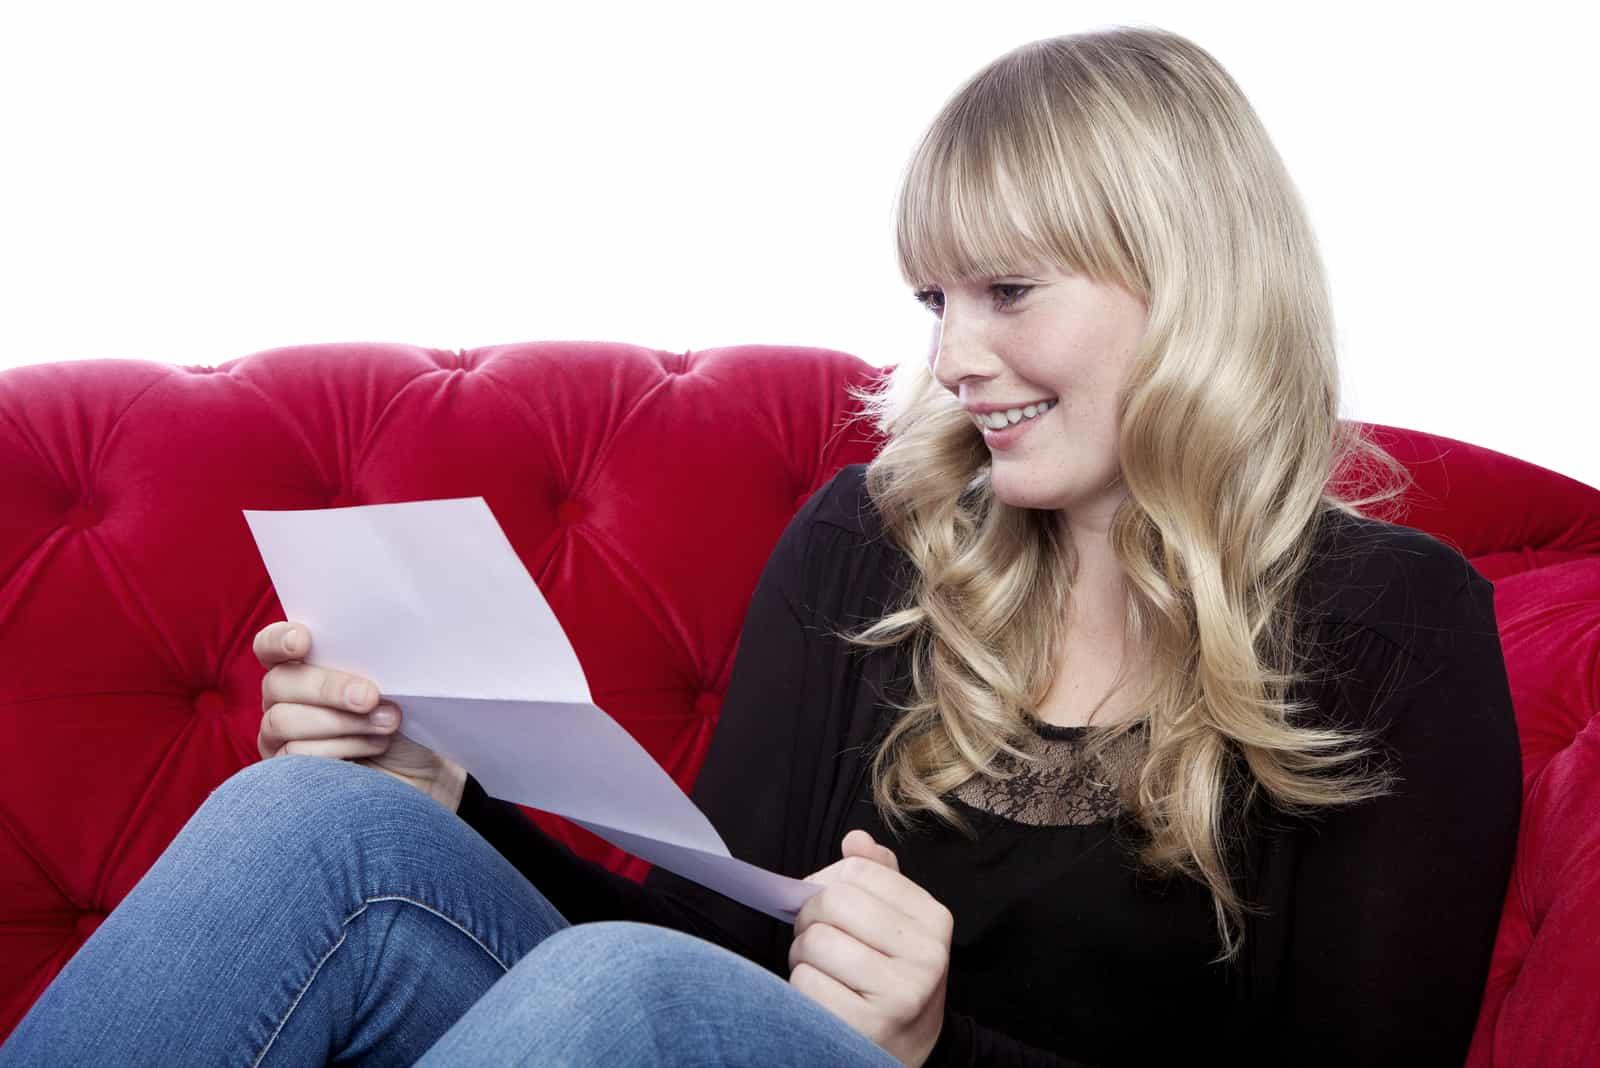 junges blondes Mädchen las auf rotem Sofa einen Brief